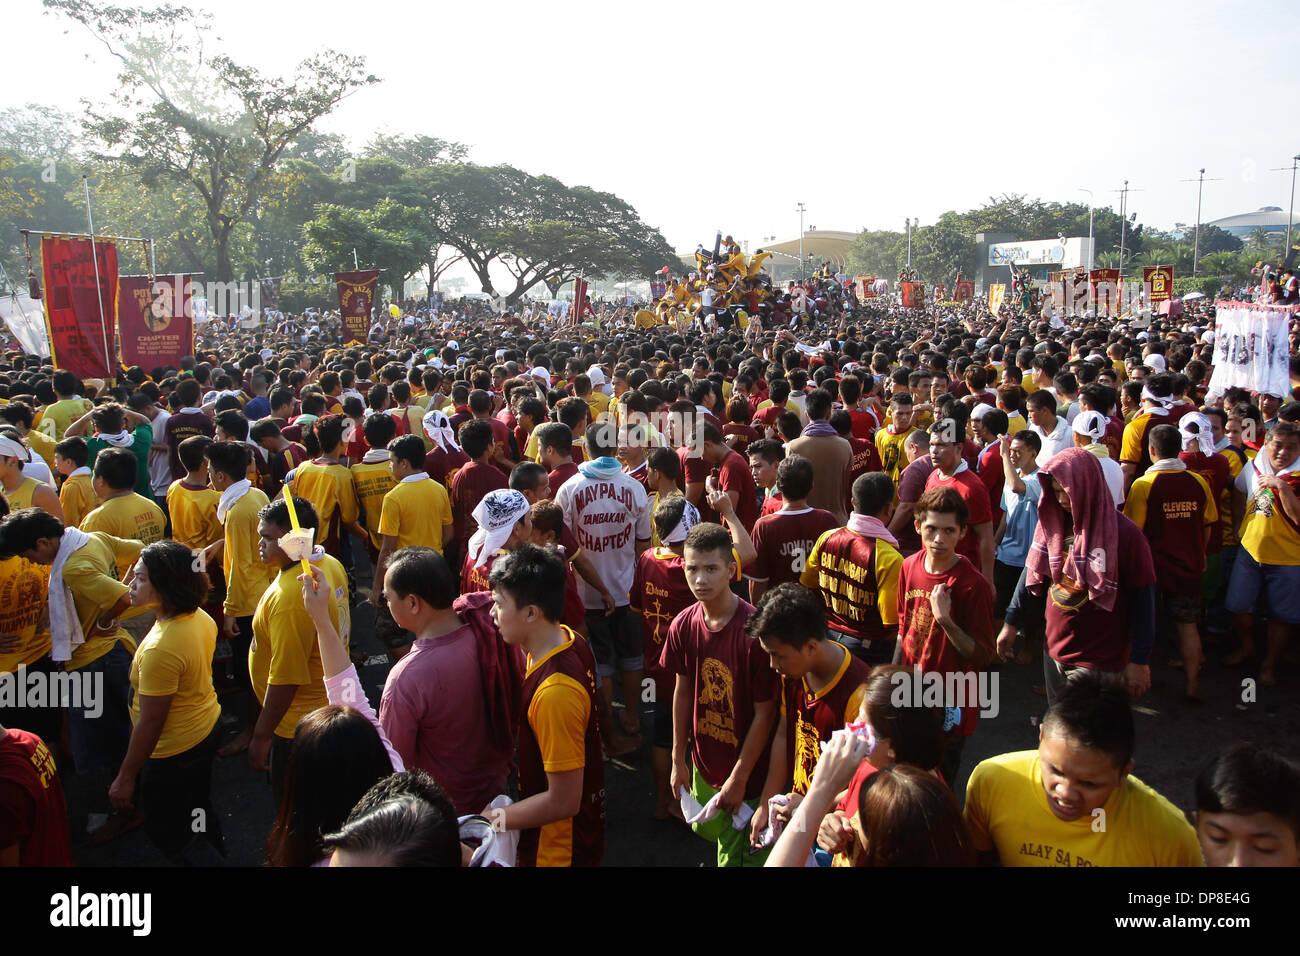 Manila, Filippine . 9 Gen, 2014. Devoti filippino tenta di avvicinarsi alla processione del Nazareno nero come ostenta intorno a Manila nelle Filippine il 9 gennaio 2014. Il Nazareno nero è creduto essere miracolosa da milioni di cattolici filippini. Foto di Mark Cristino Credito: Mark Fredesjed Cristino/Alamy Live News Immagini Stock